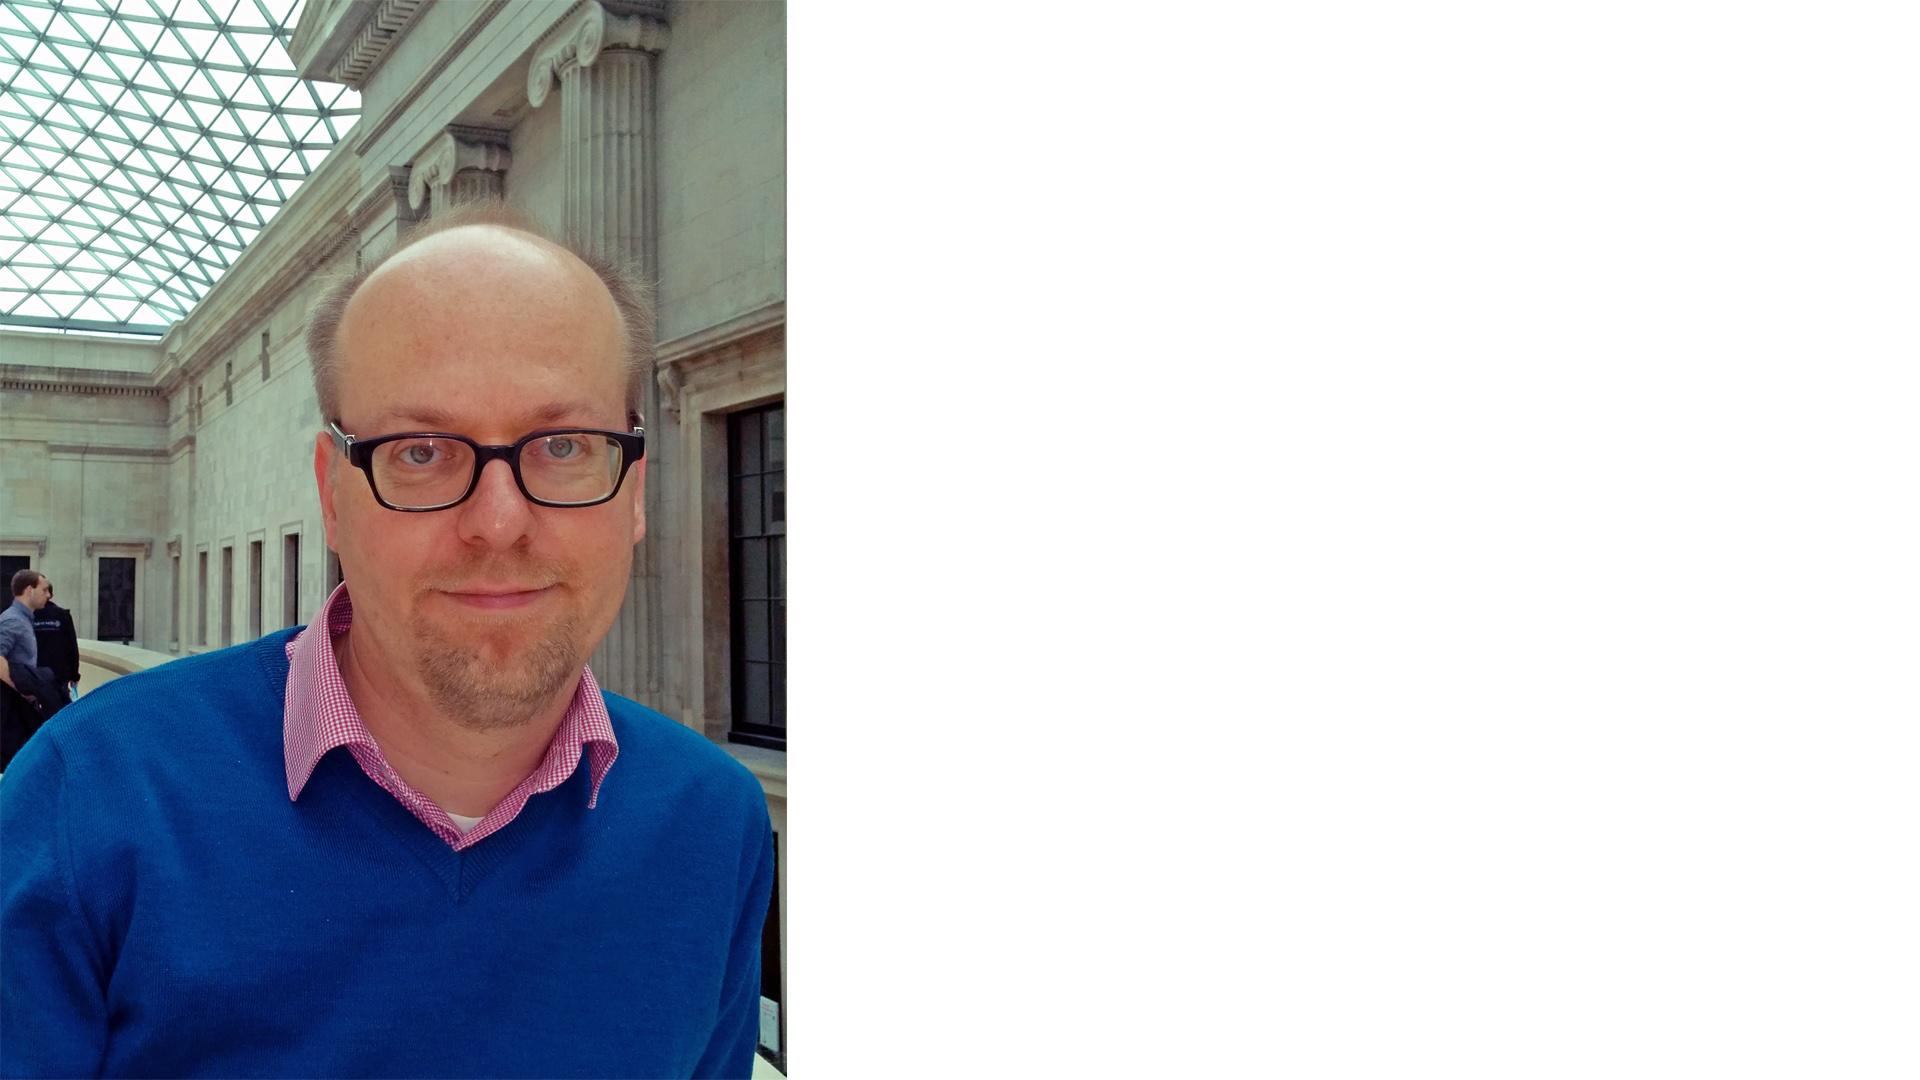 """Matthias Pohlig ist Professor für die Geschichte der Frühen Neuzeit an der Universität Münster. In seinem Aufsatz """"Eine Neuzeit ohne Reformation?"""